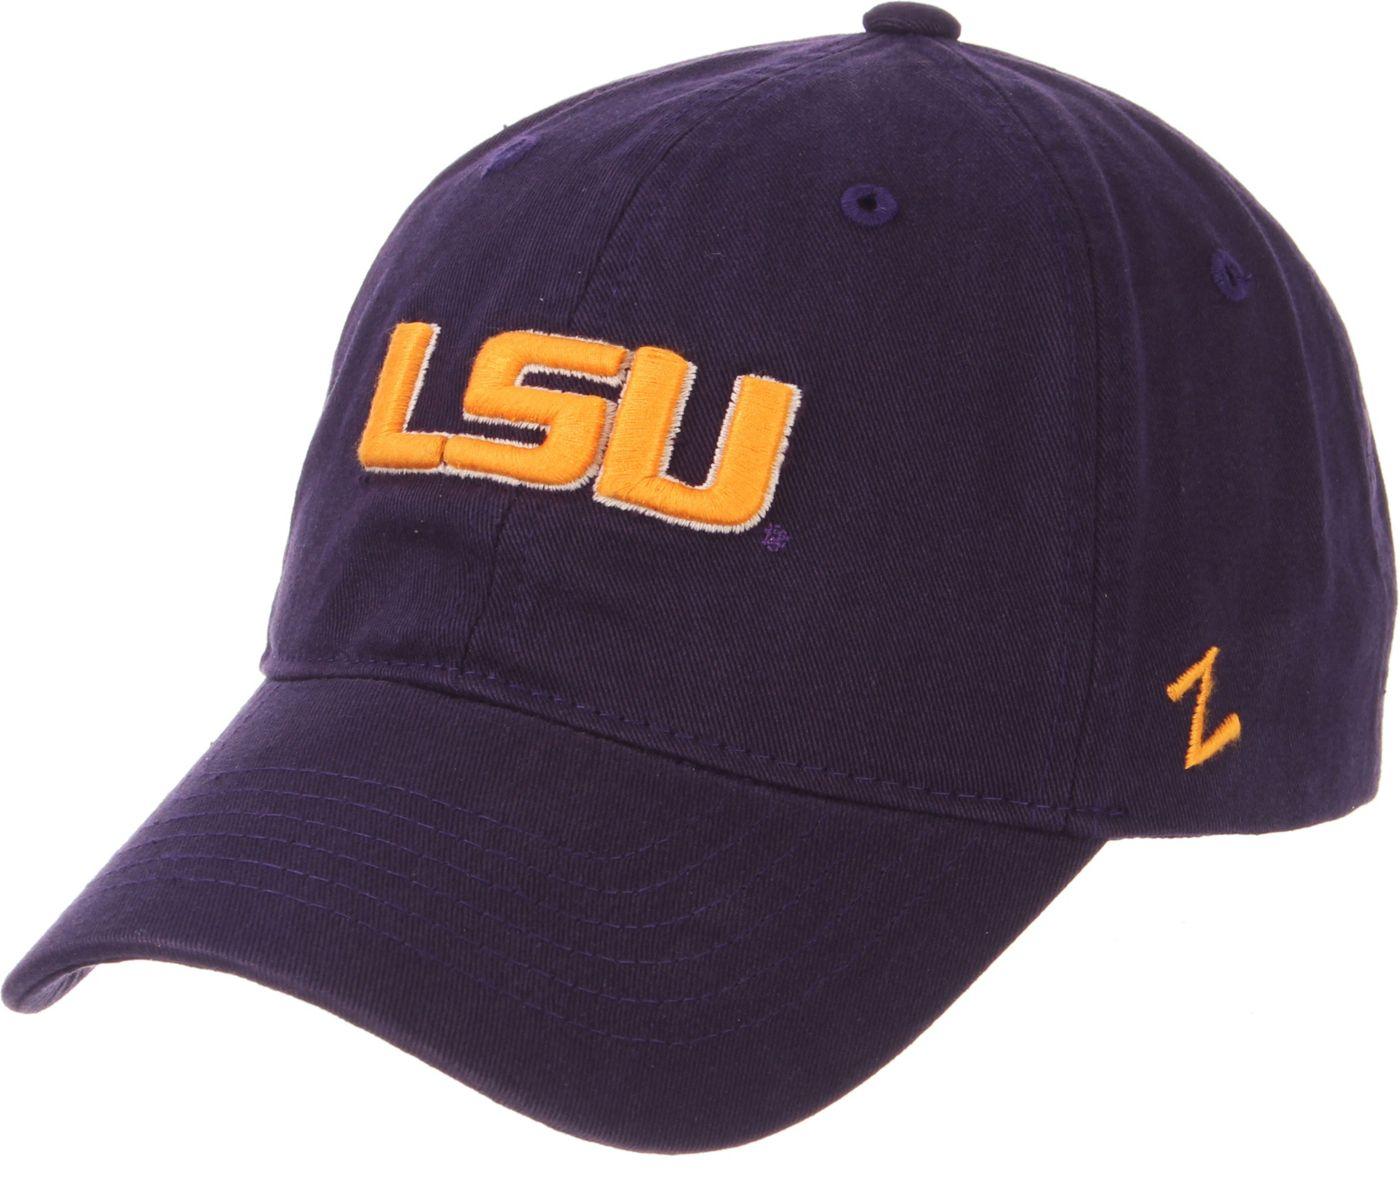 Zephyr Men's LSU Tigers Purple Scholarship Adjustable Hat